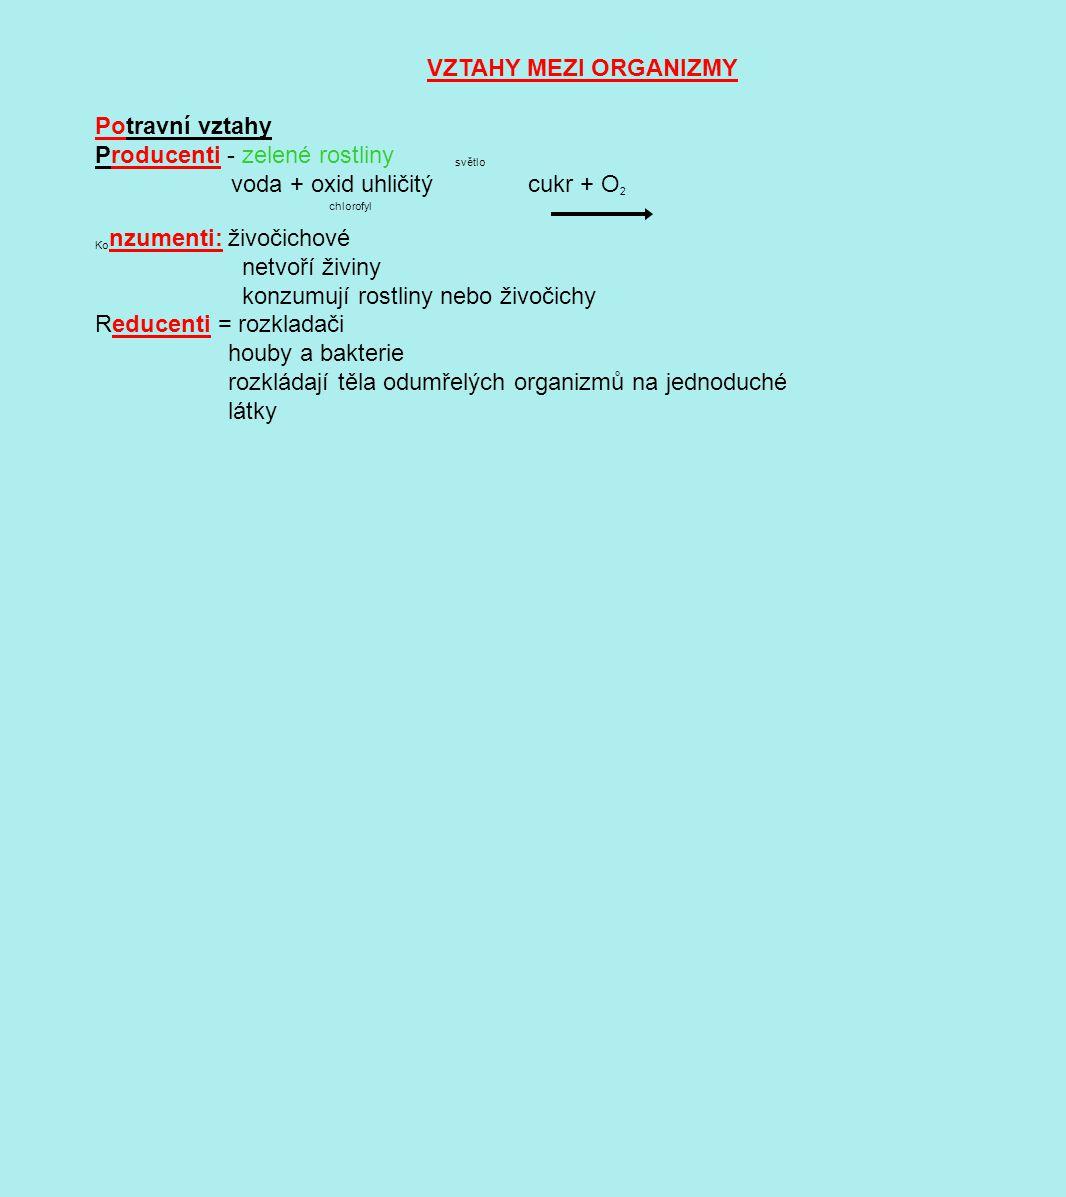 VZTAHY MEZI ORGANIZMY Potravní vztahy Producenti - zelené rostliny světlo voda + oxid uhličitý cukr + O 2 chlorofyl Ko nzumenti: živočichové netvoří živiny konzumují rostliny nebo živočichy Reducenti = rozkladači houby a bakterie rozkládají těla odumřelých organizmů na jednoduché látky